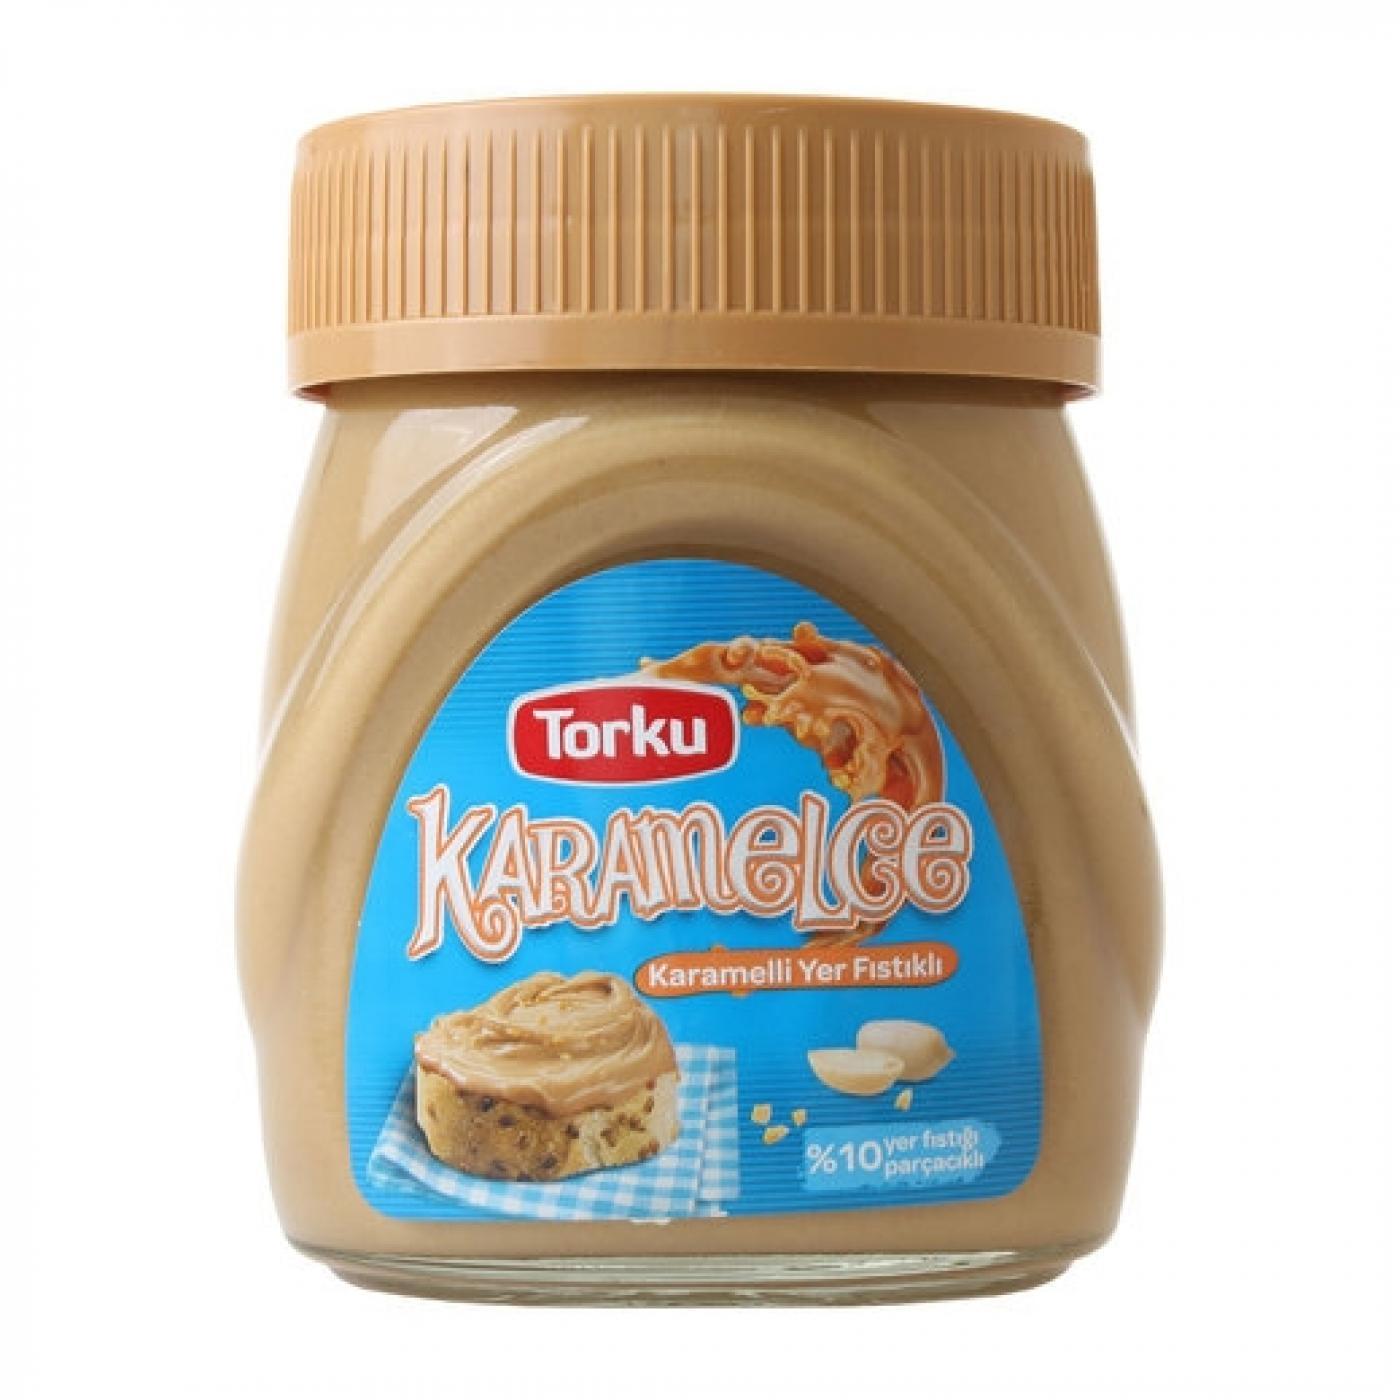 TORKU KARAMELCE YER FISTIKLI KREMA 400GR